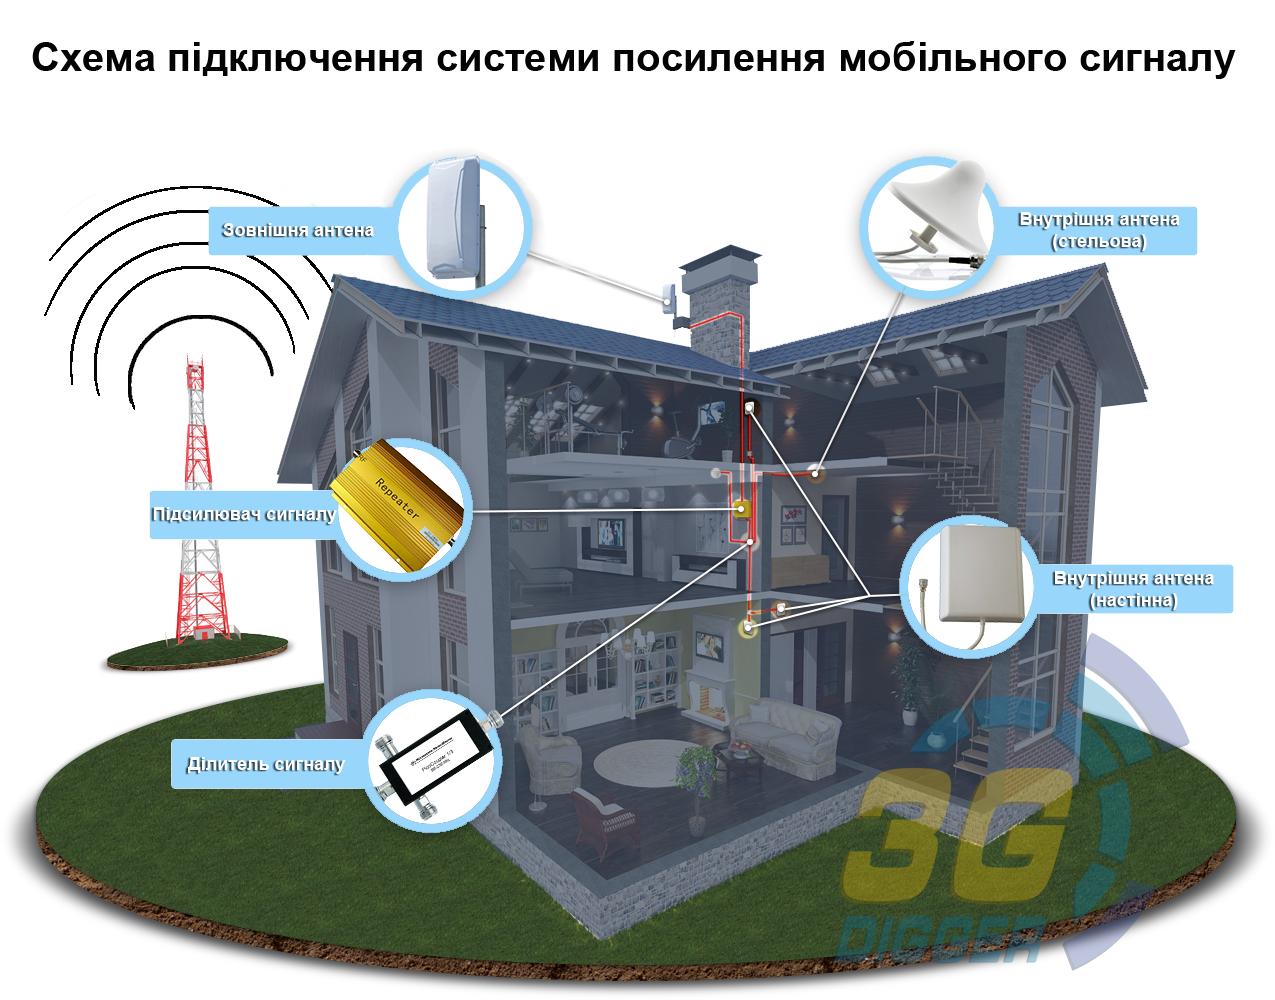 Схема підключення системи посилення мобільного сигналу